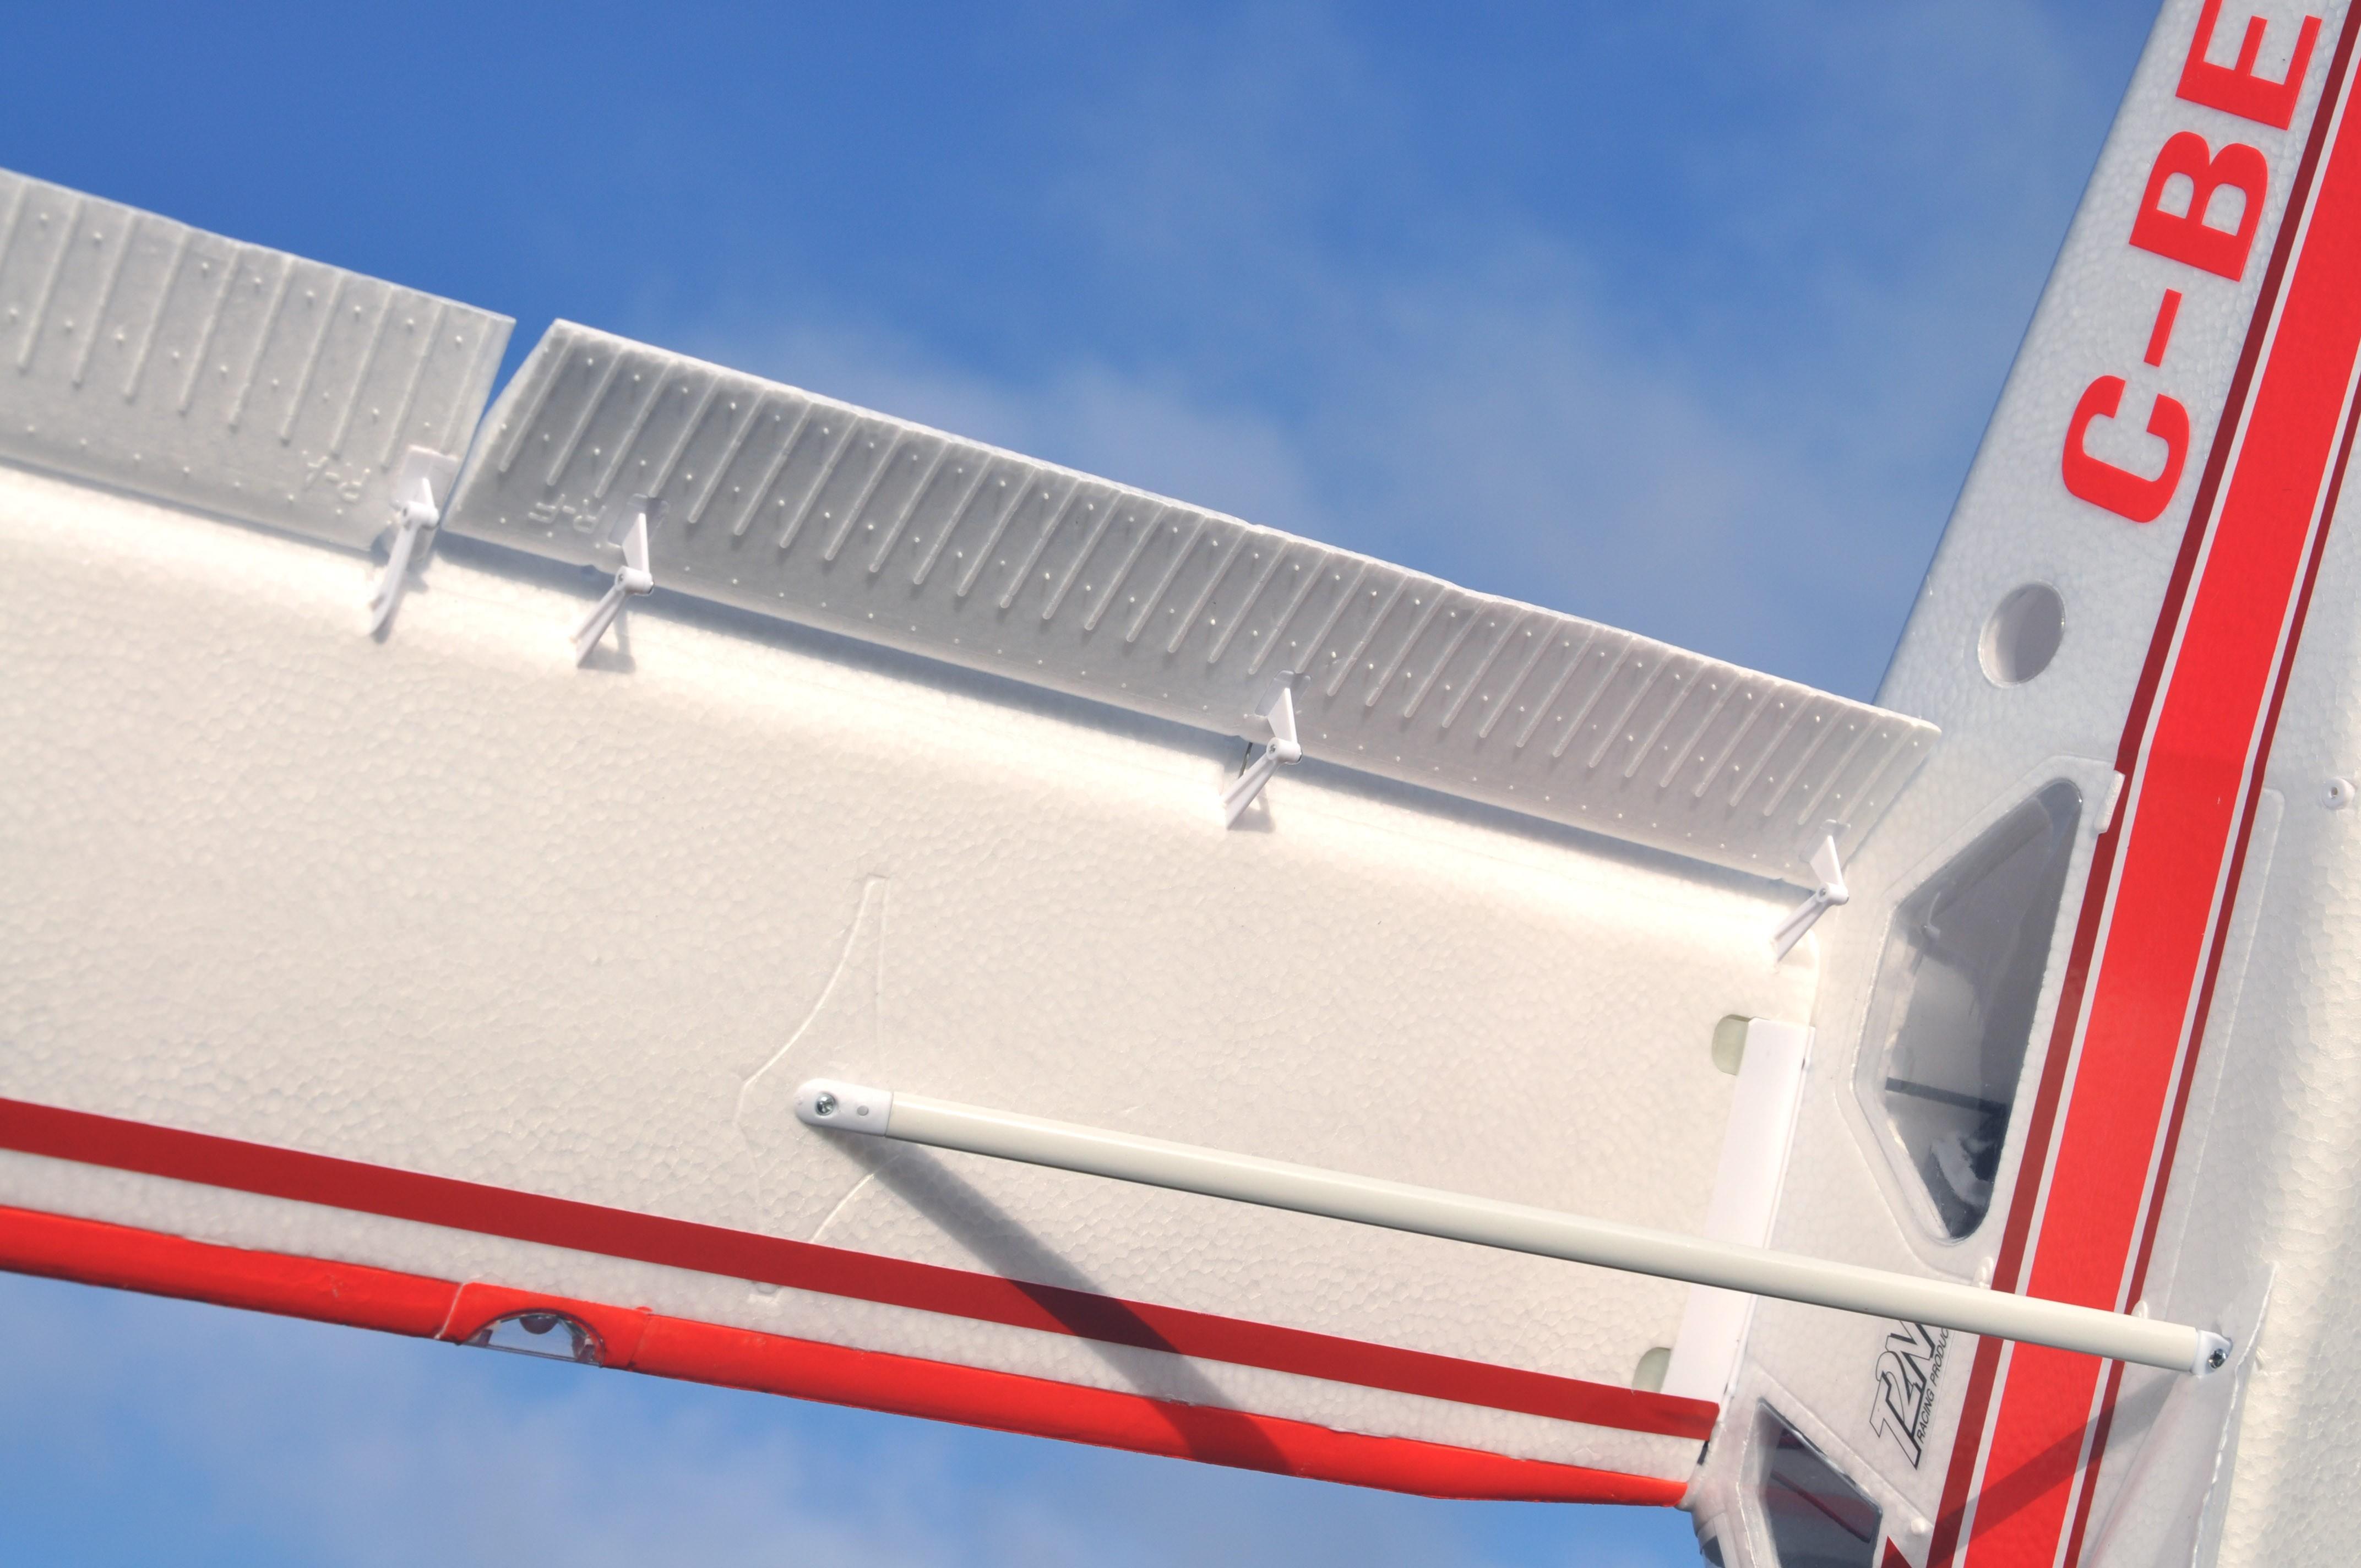 RC Beaver Flugmodell - Brushless Antrieb